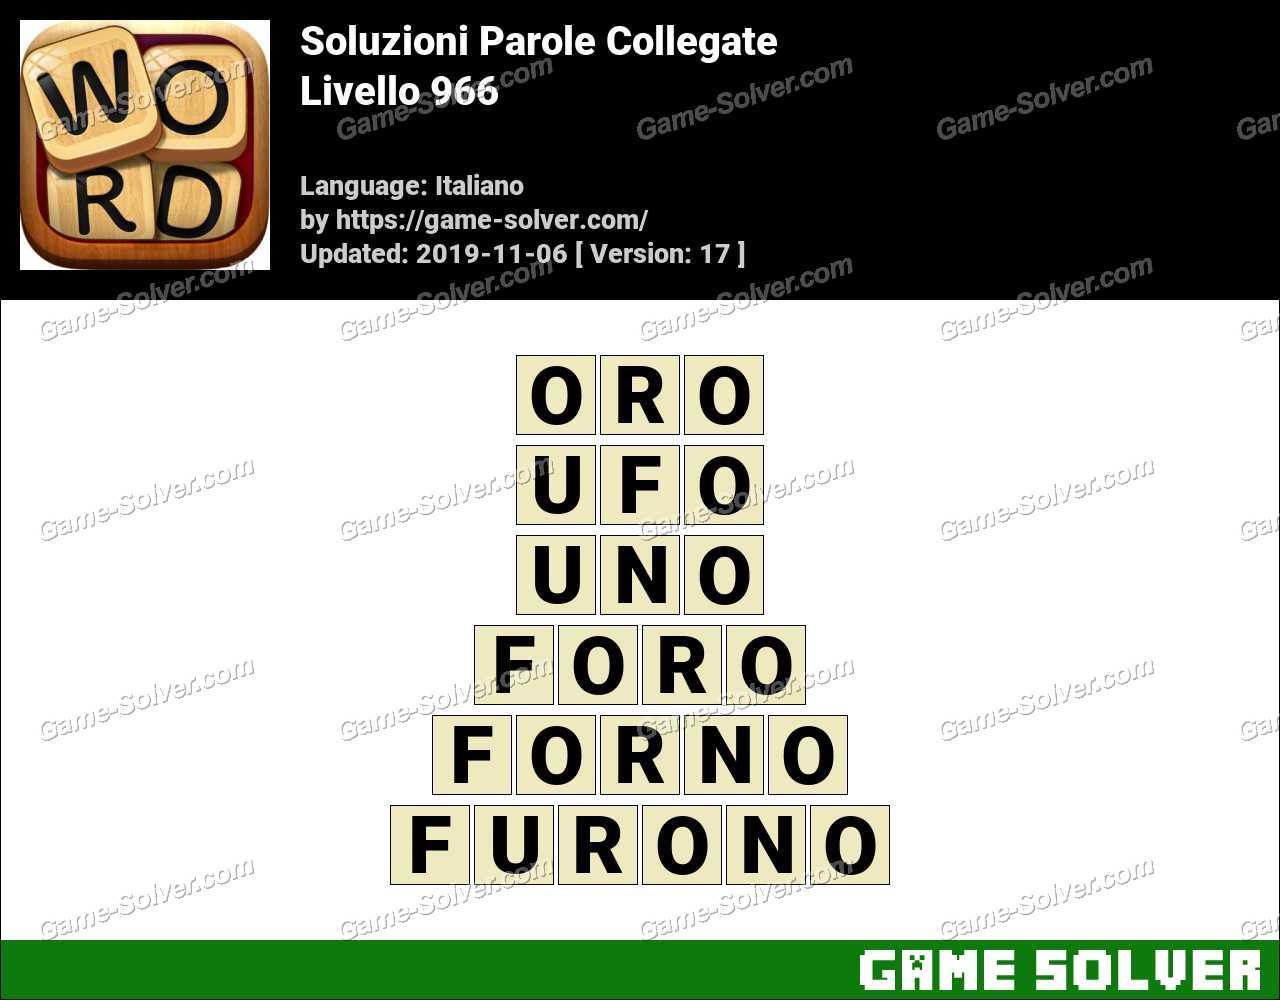 Soluzioni Parole Collegate Livello 966